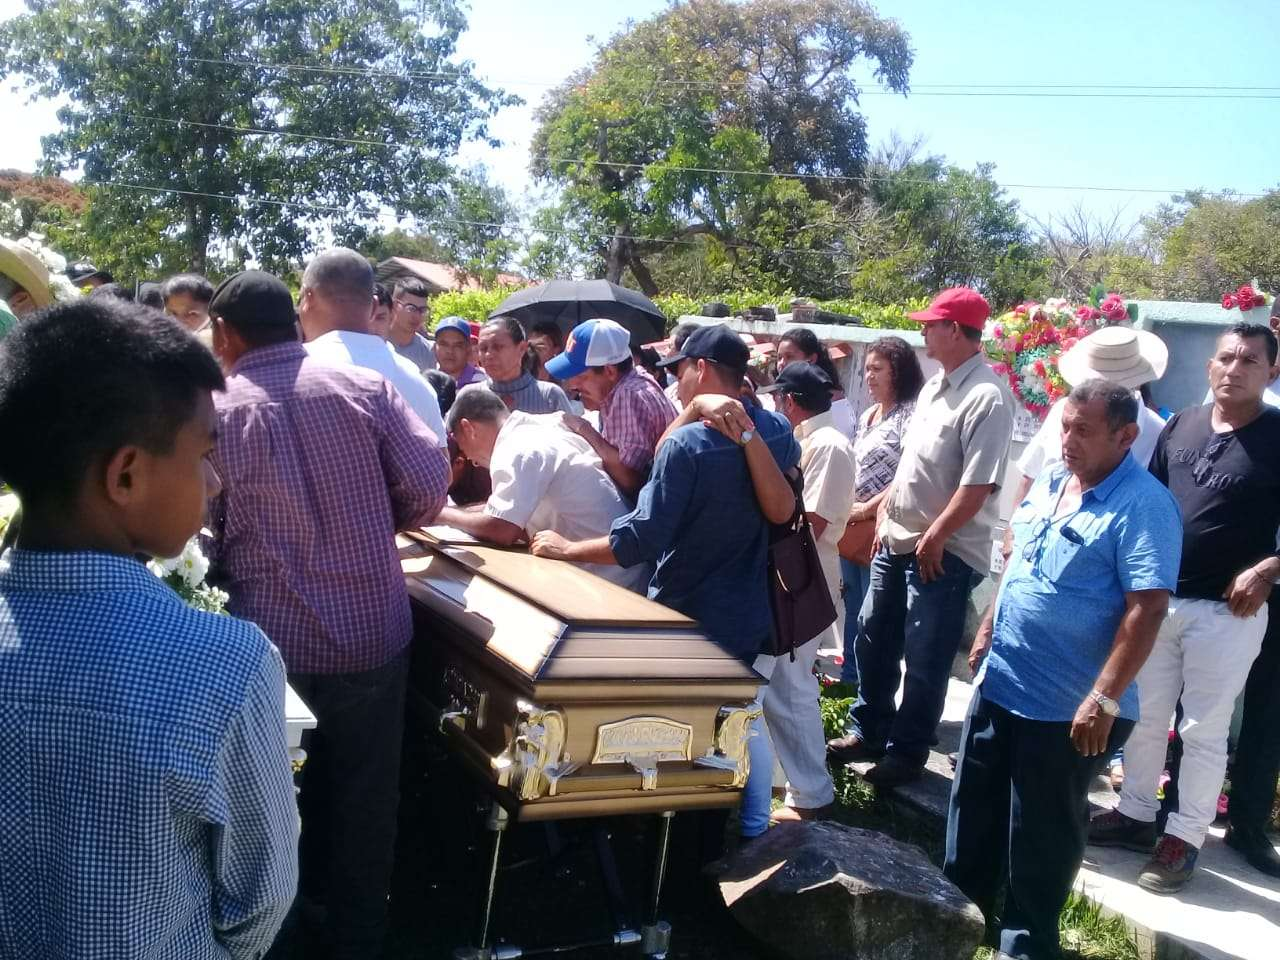 Vistas del sepelio en Veraguas.  Foto: Melquiades Vásquez